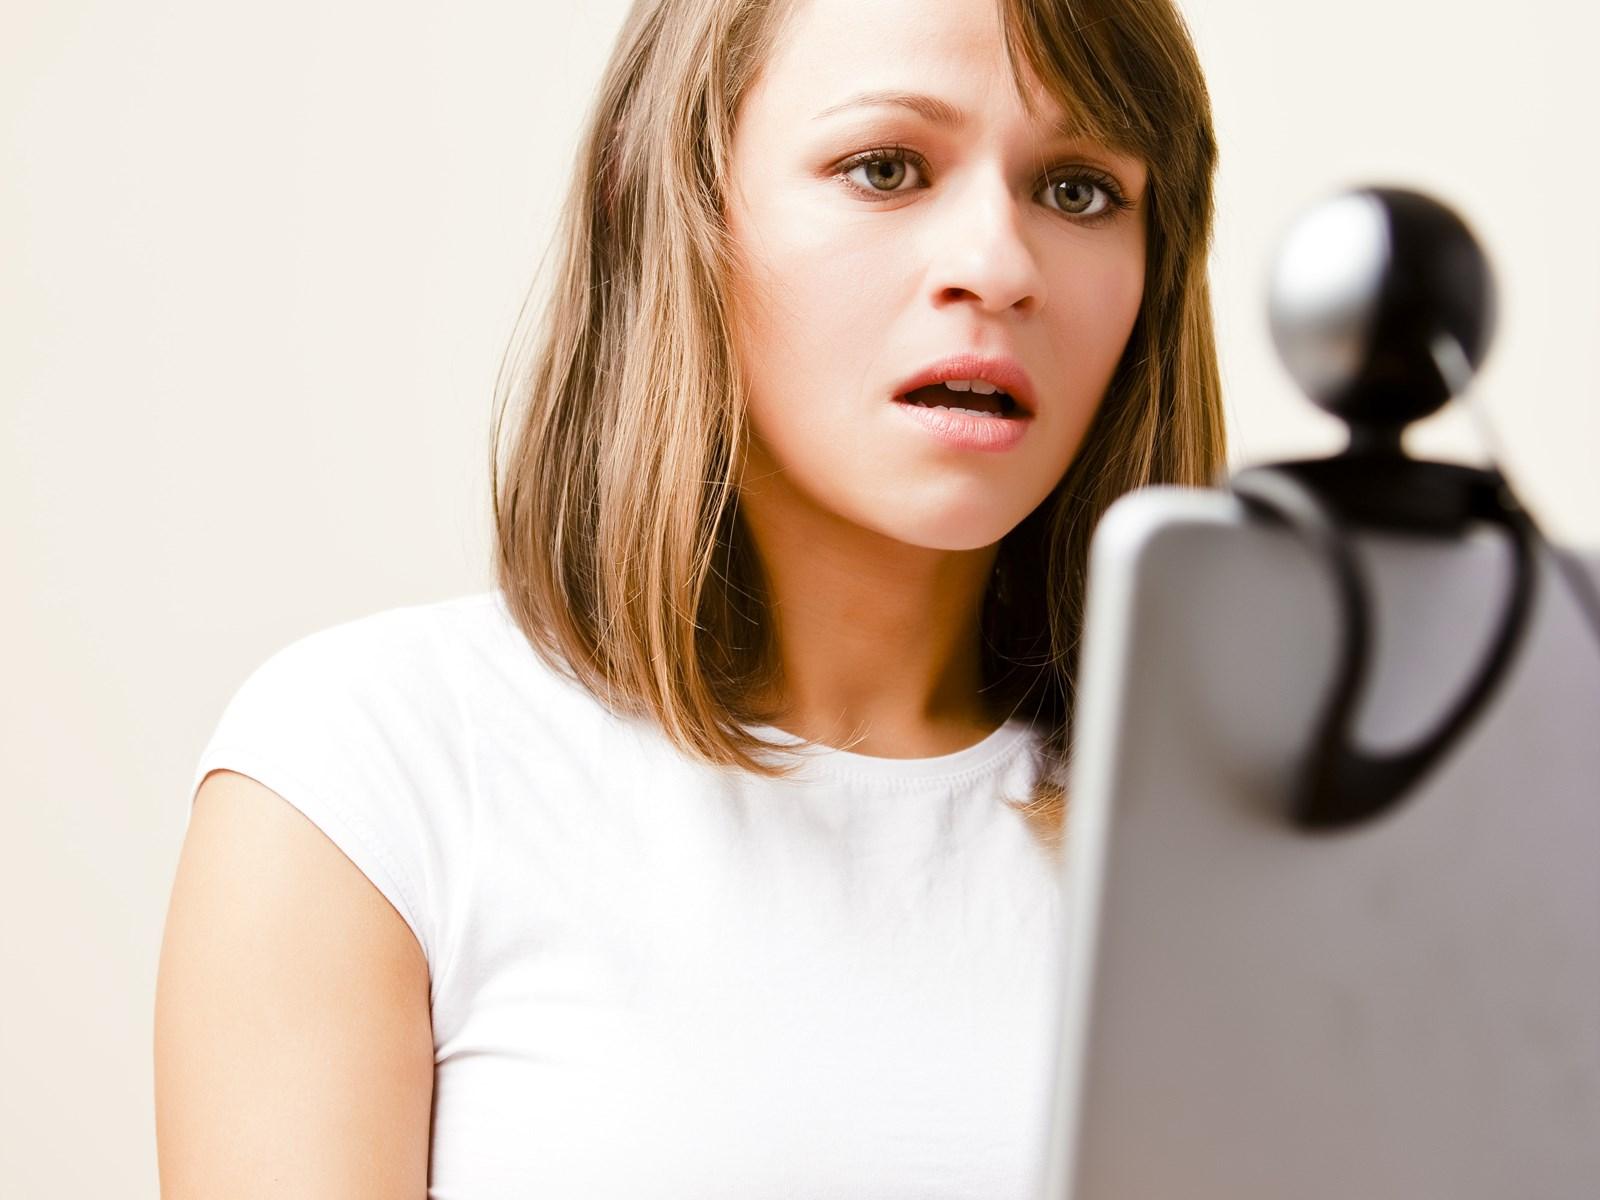 διαδικτυακή συλλογή γνωριμιών 8 απλοί κανόνες για dating με την κόρη μου επεισόδια